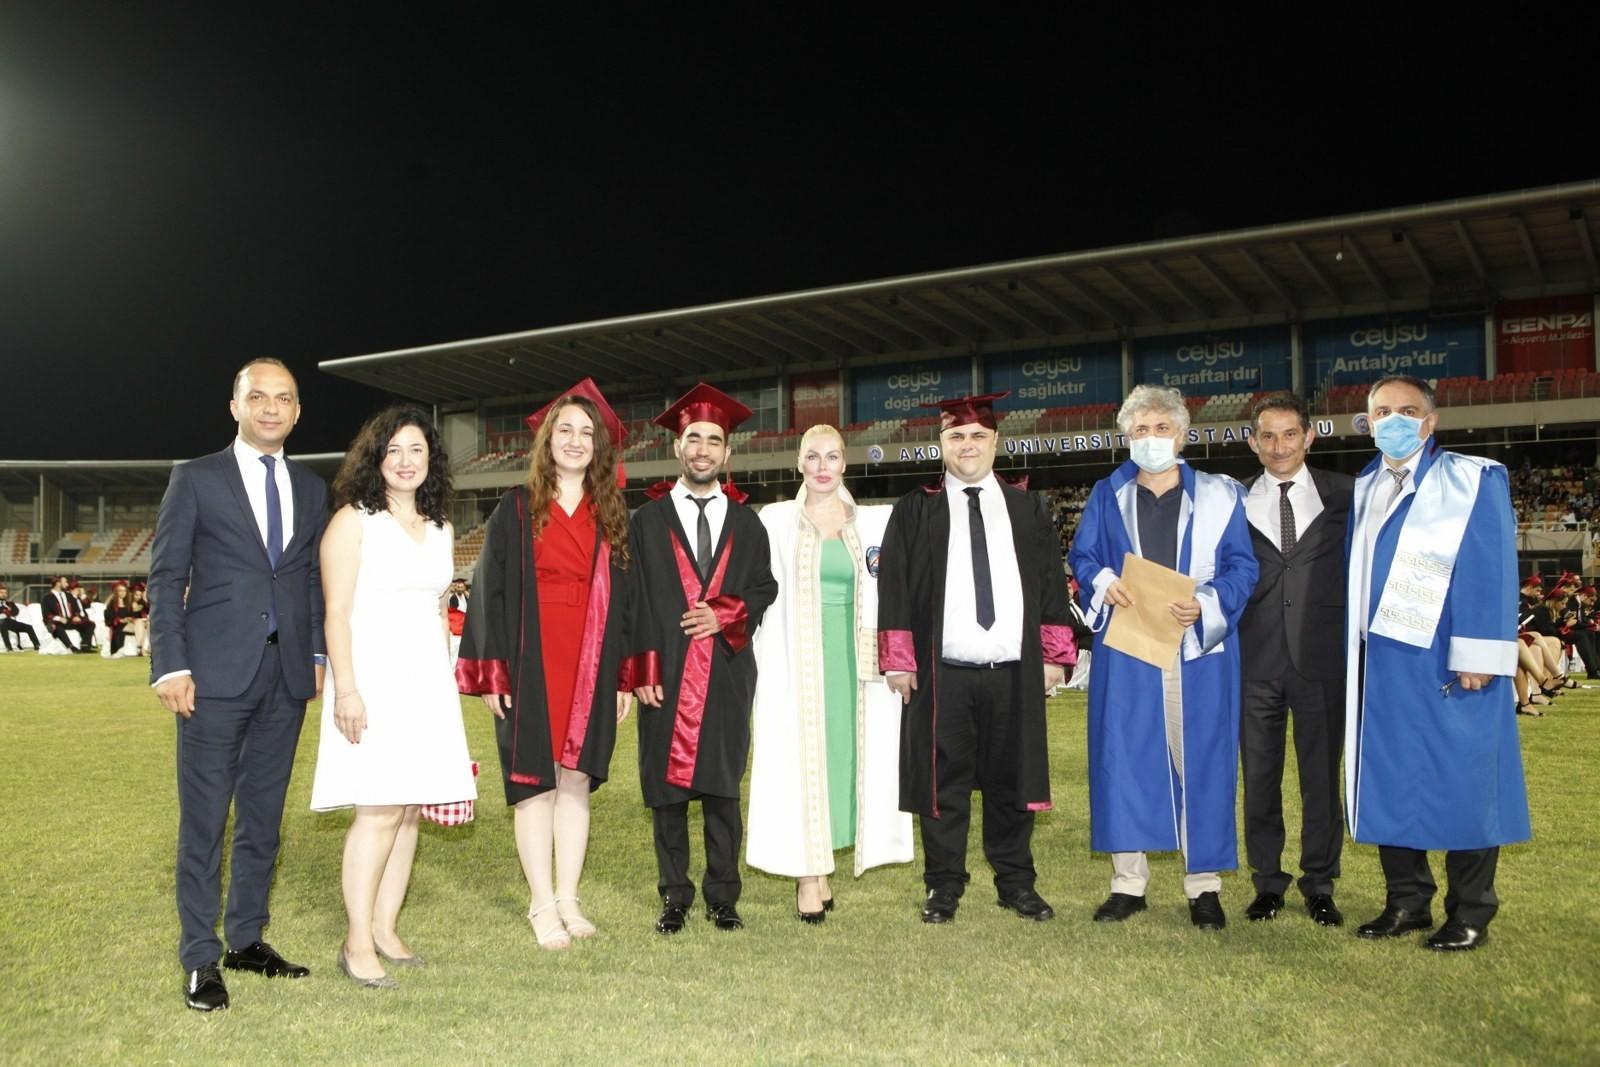 YKS sınavında derece yapan 14 öğrencinin tercihi Akdeniz Üniversitesi oldu